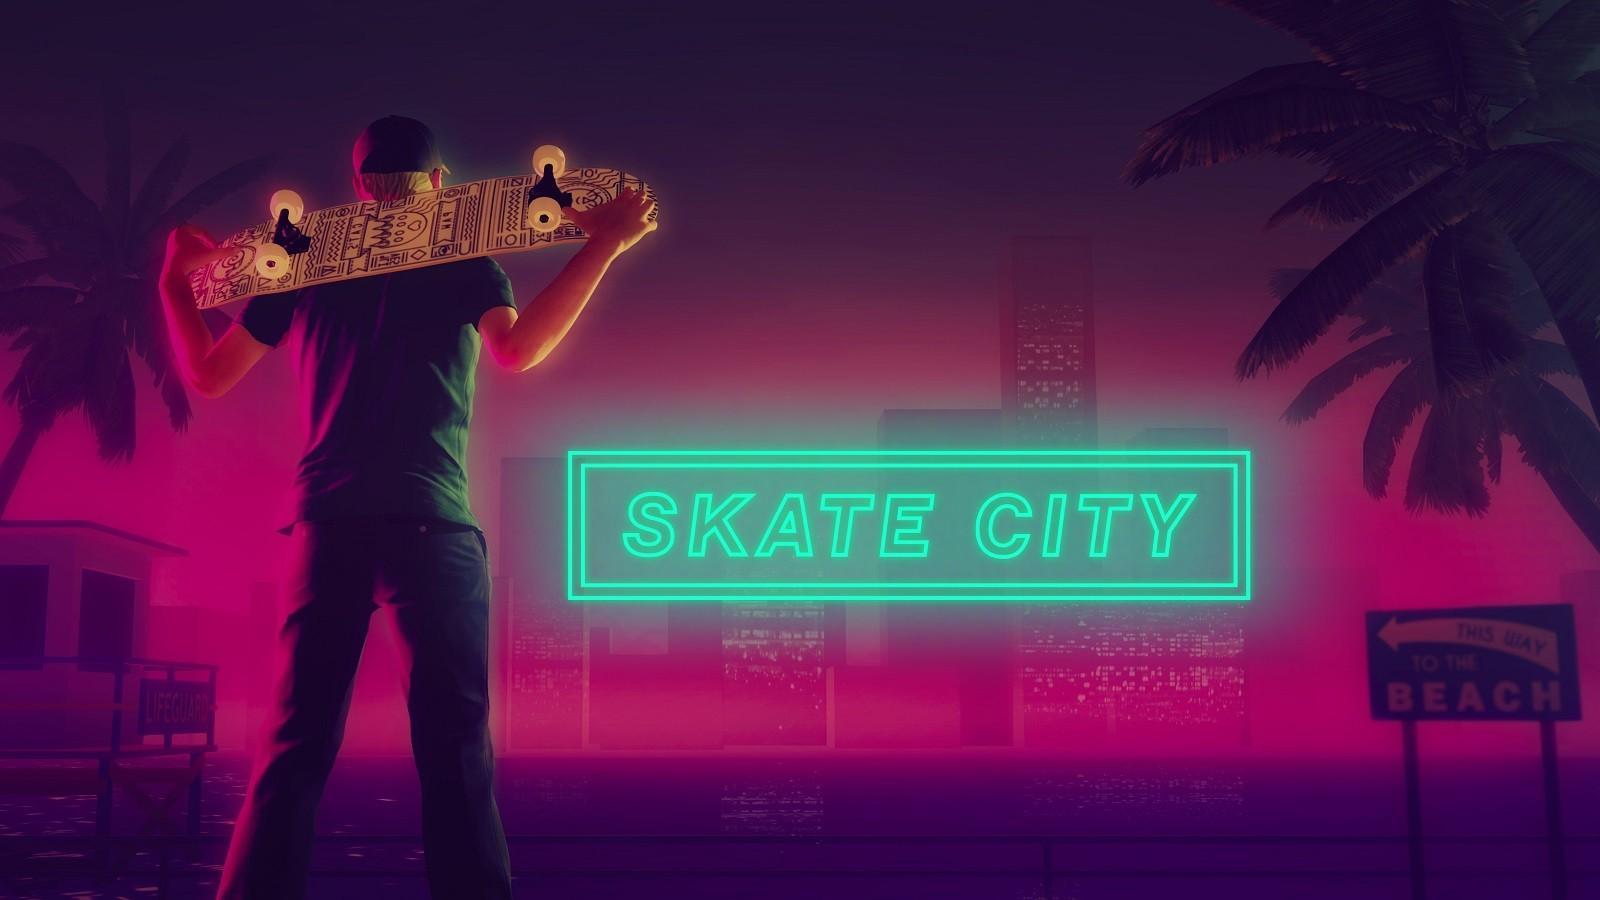 Доставайте доску - Skate City в мае доберётся до гибрида 5